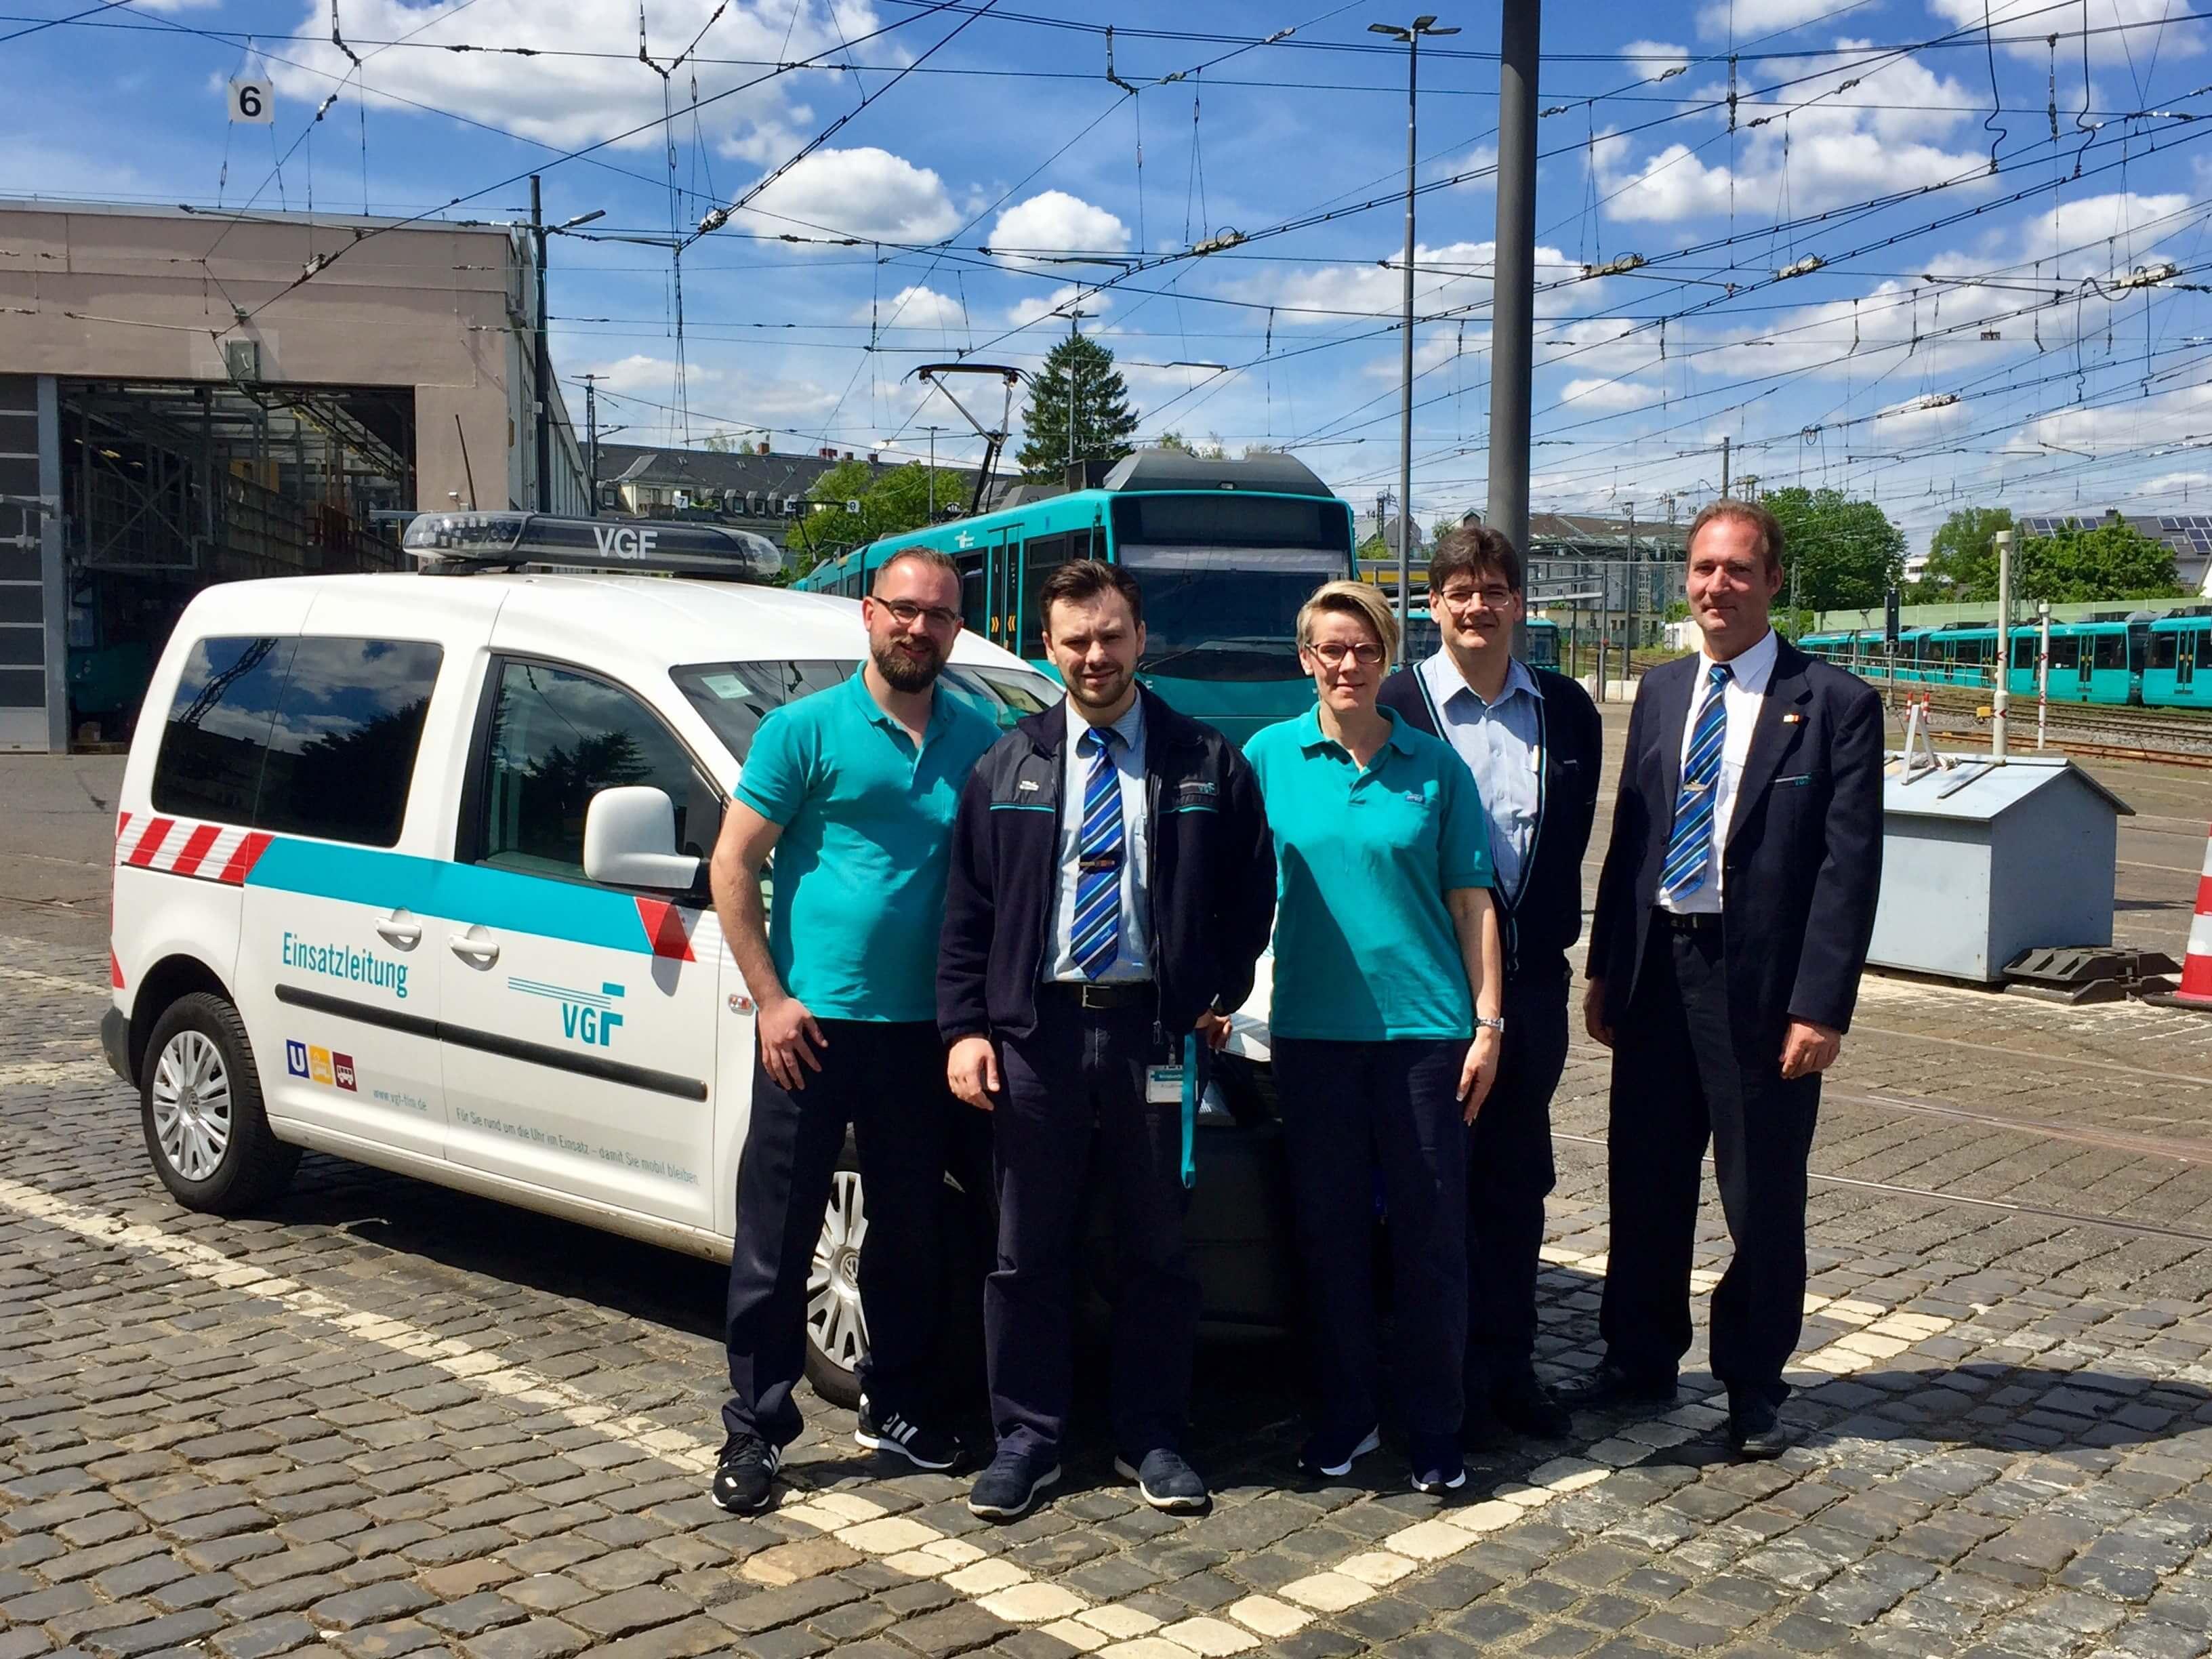 Fünf Mitarbeiter der VGF vor dem Auto der Einsatzleitung